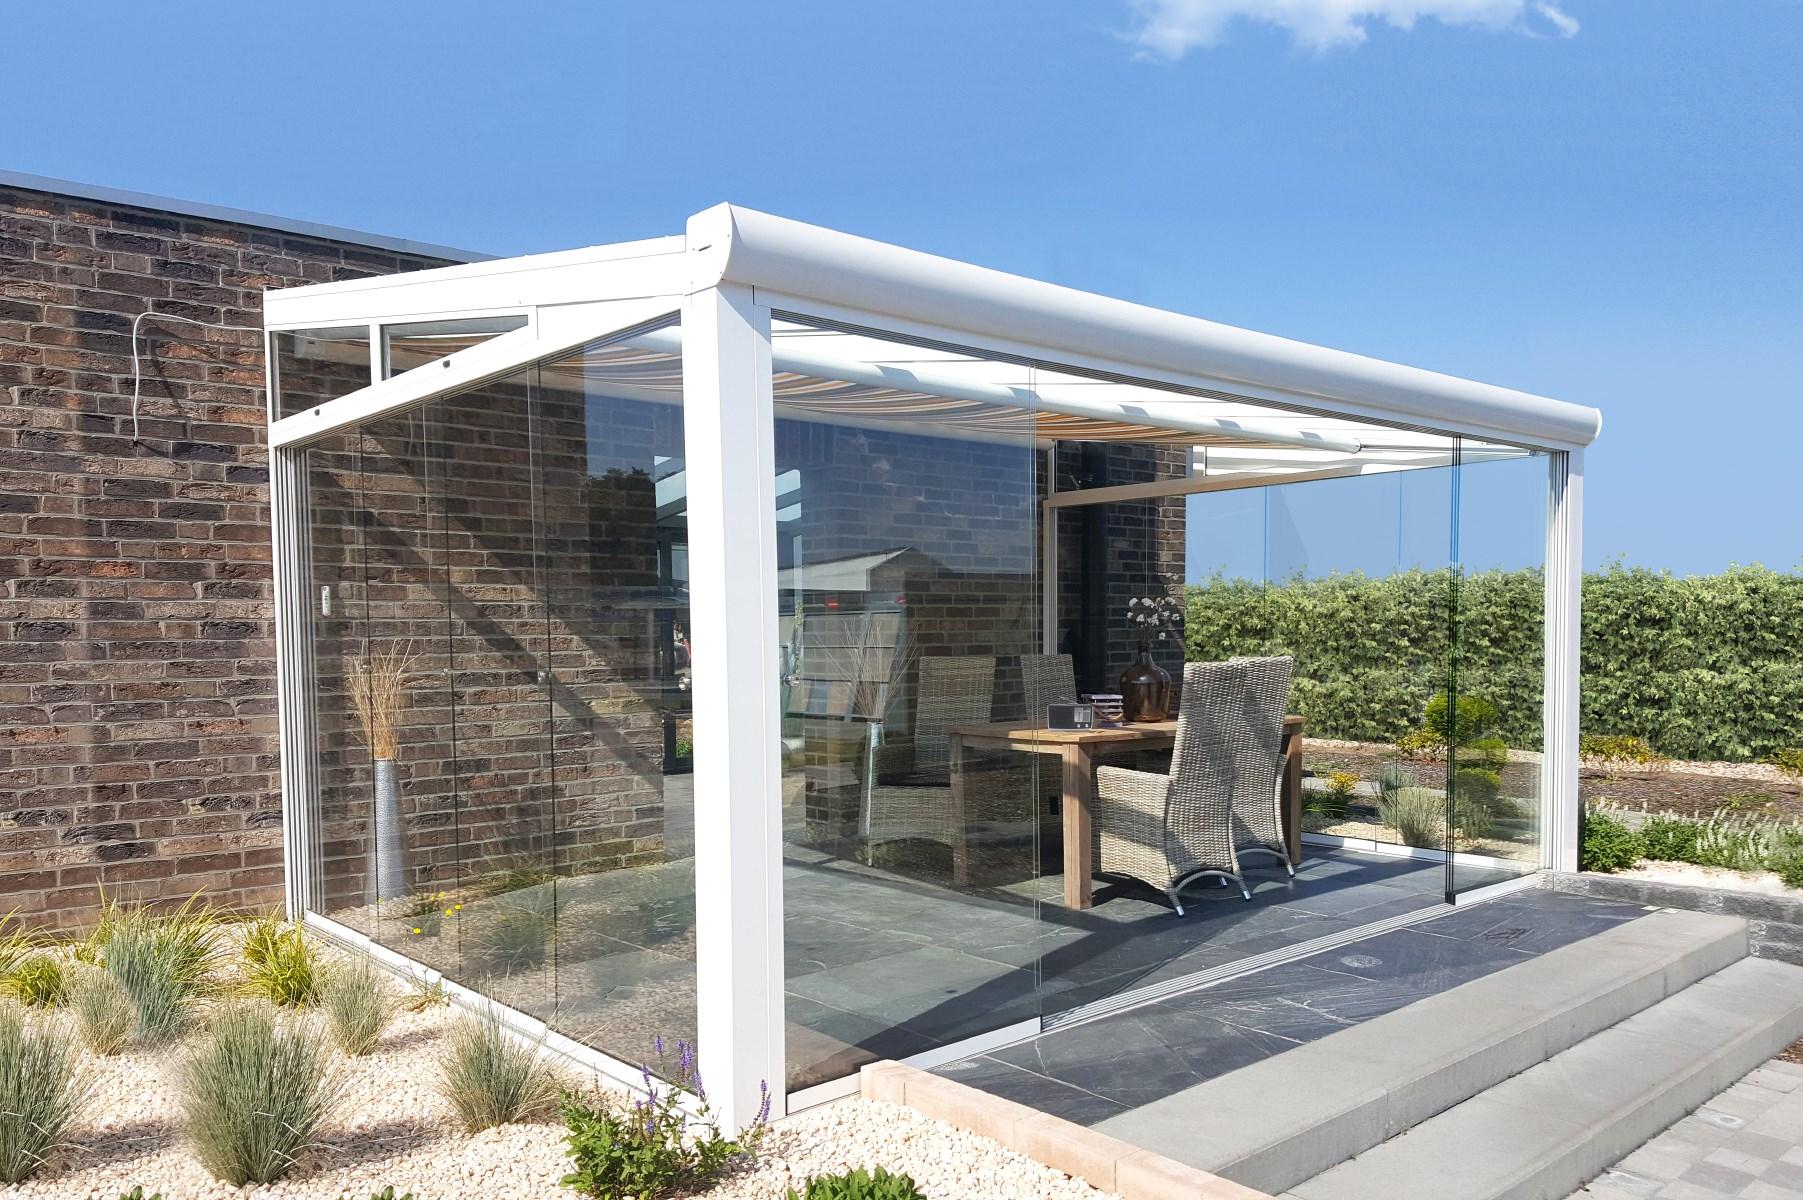 durim tende da sole verande pergolati. Black Bedroom Furniture Sets. Home Design Ideas